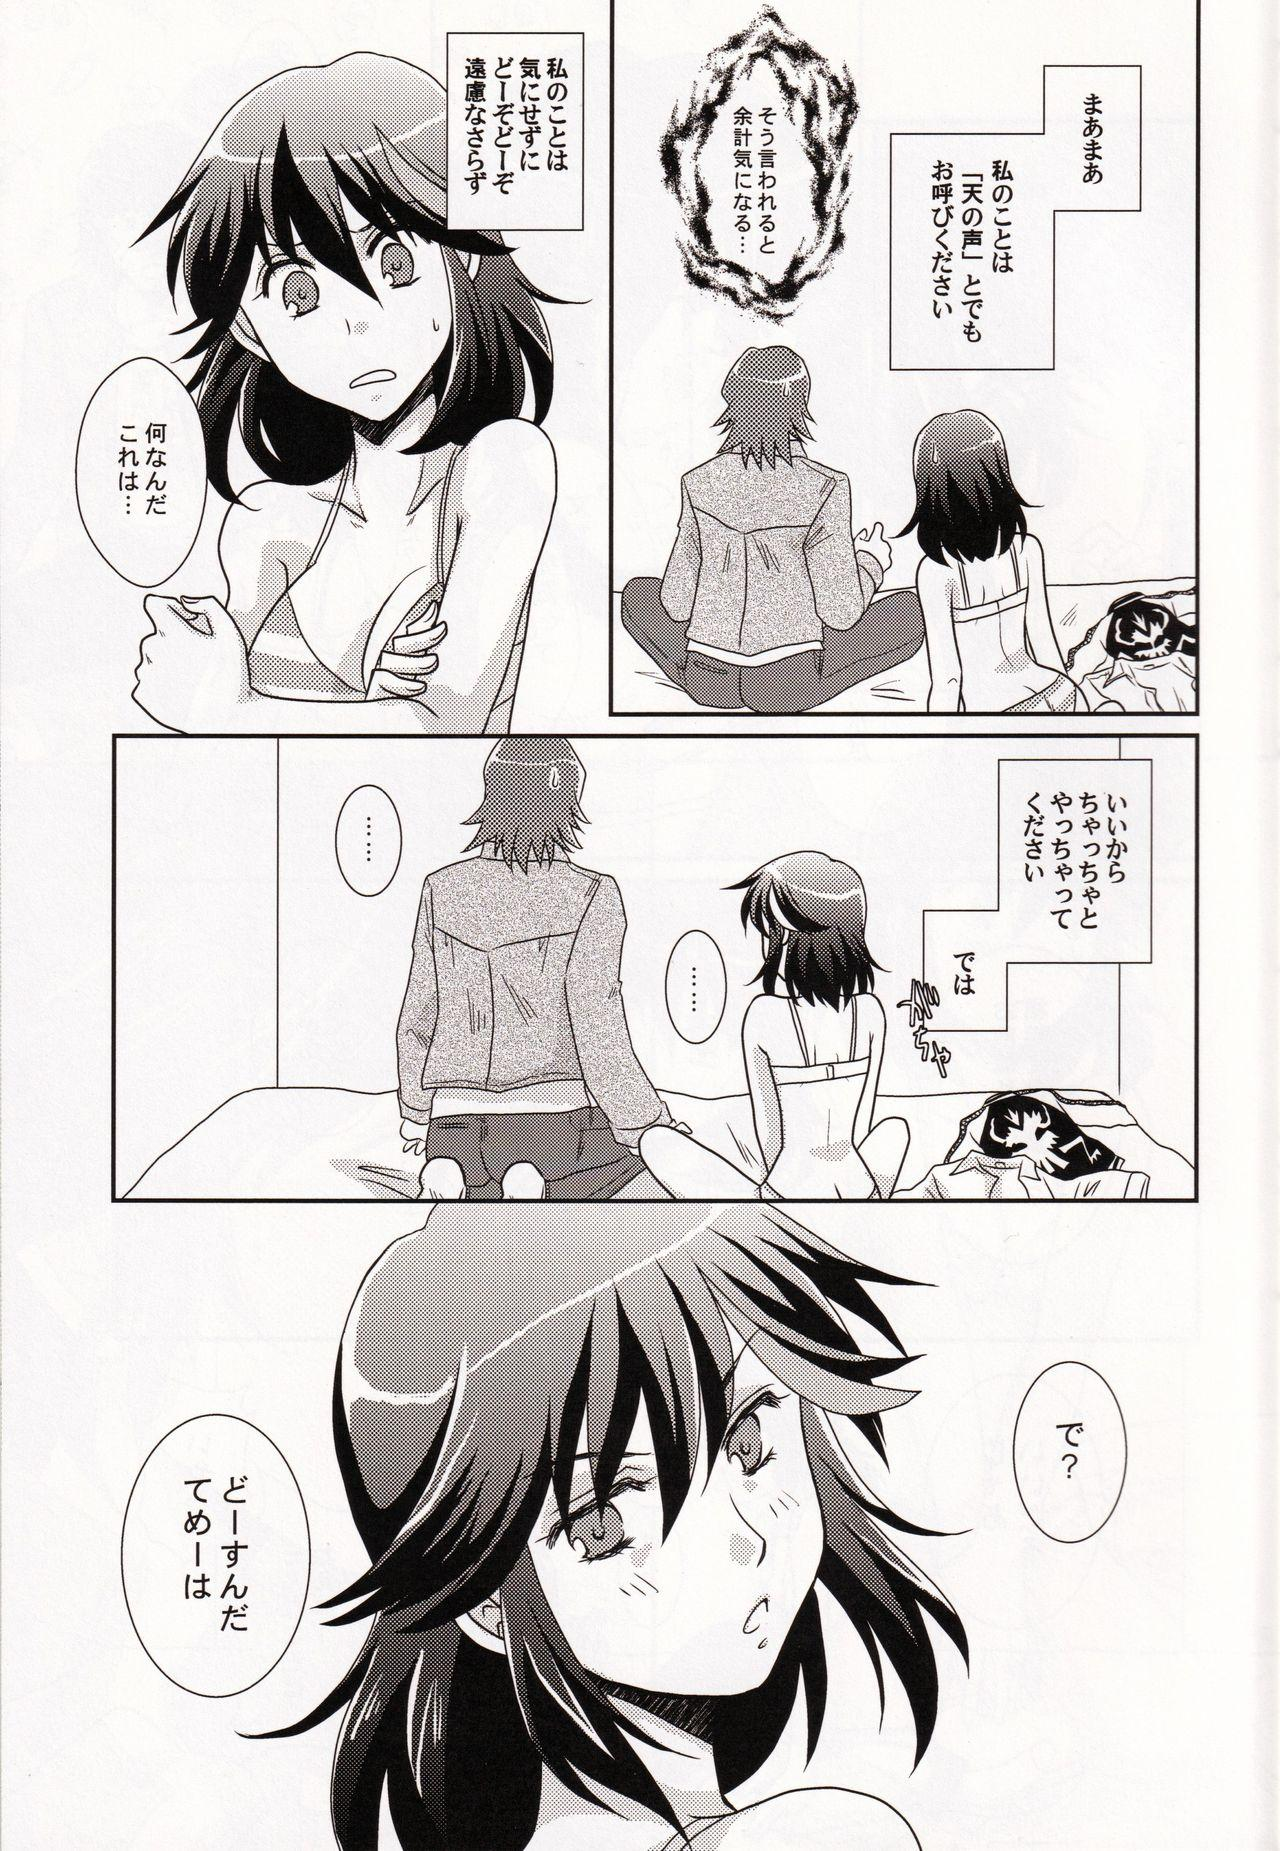 (SUPER26) [Ishin Denshin (Yuusa Riki)] Ore no Kanojo (Kari) ga Otokomae Sugite Mou Horeru shika Nai. (Kill la Kill) 6